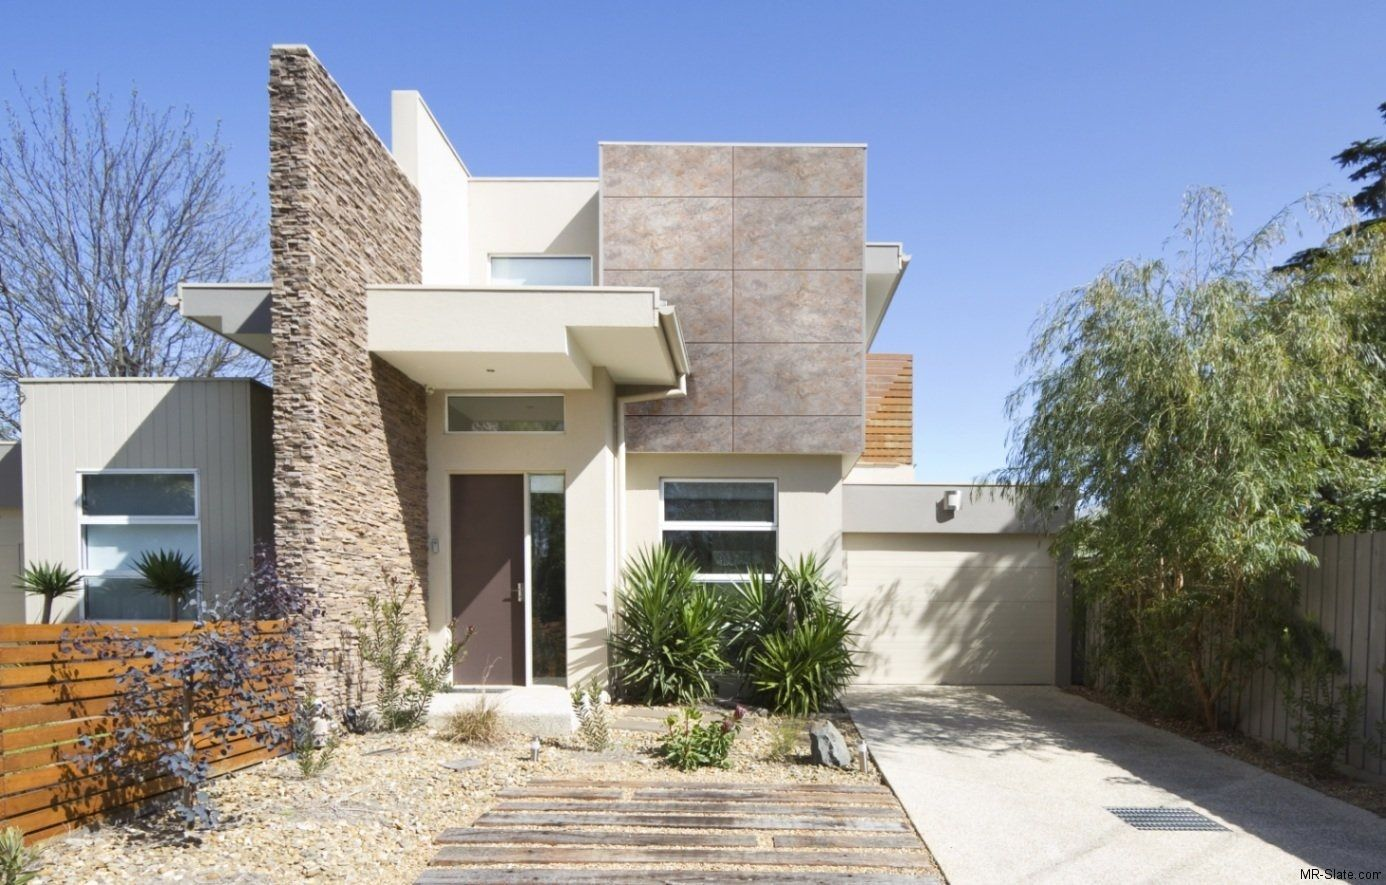 Fachada de casa moderna con pared de piedra Arquitectura